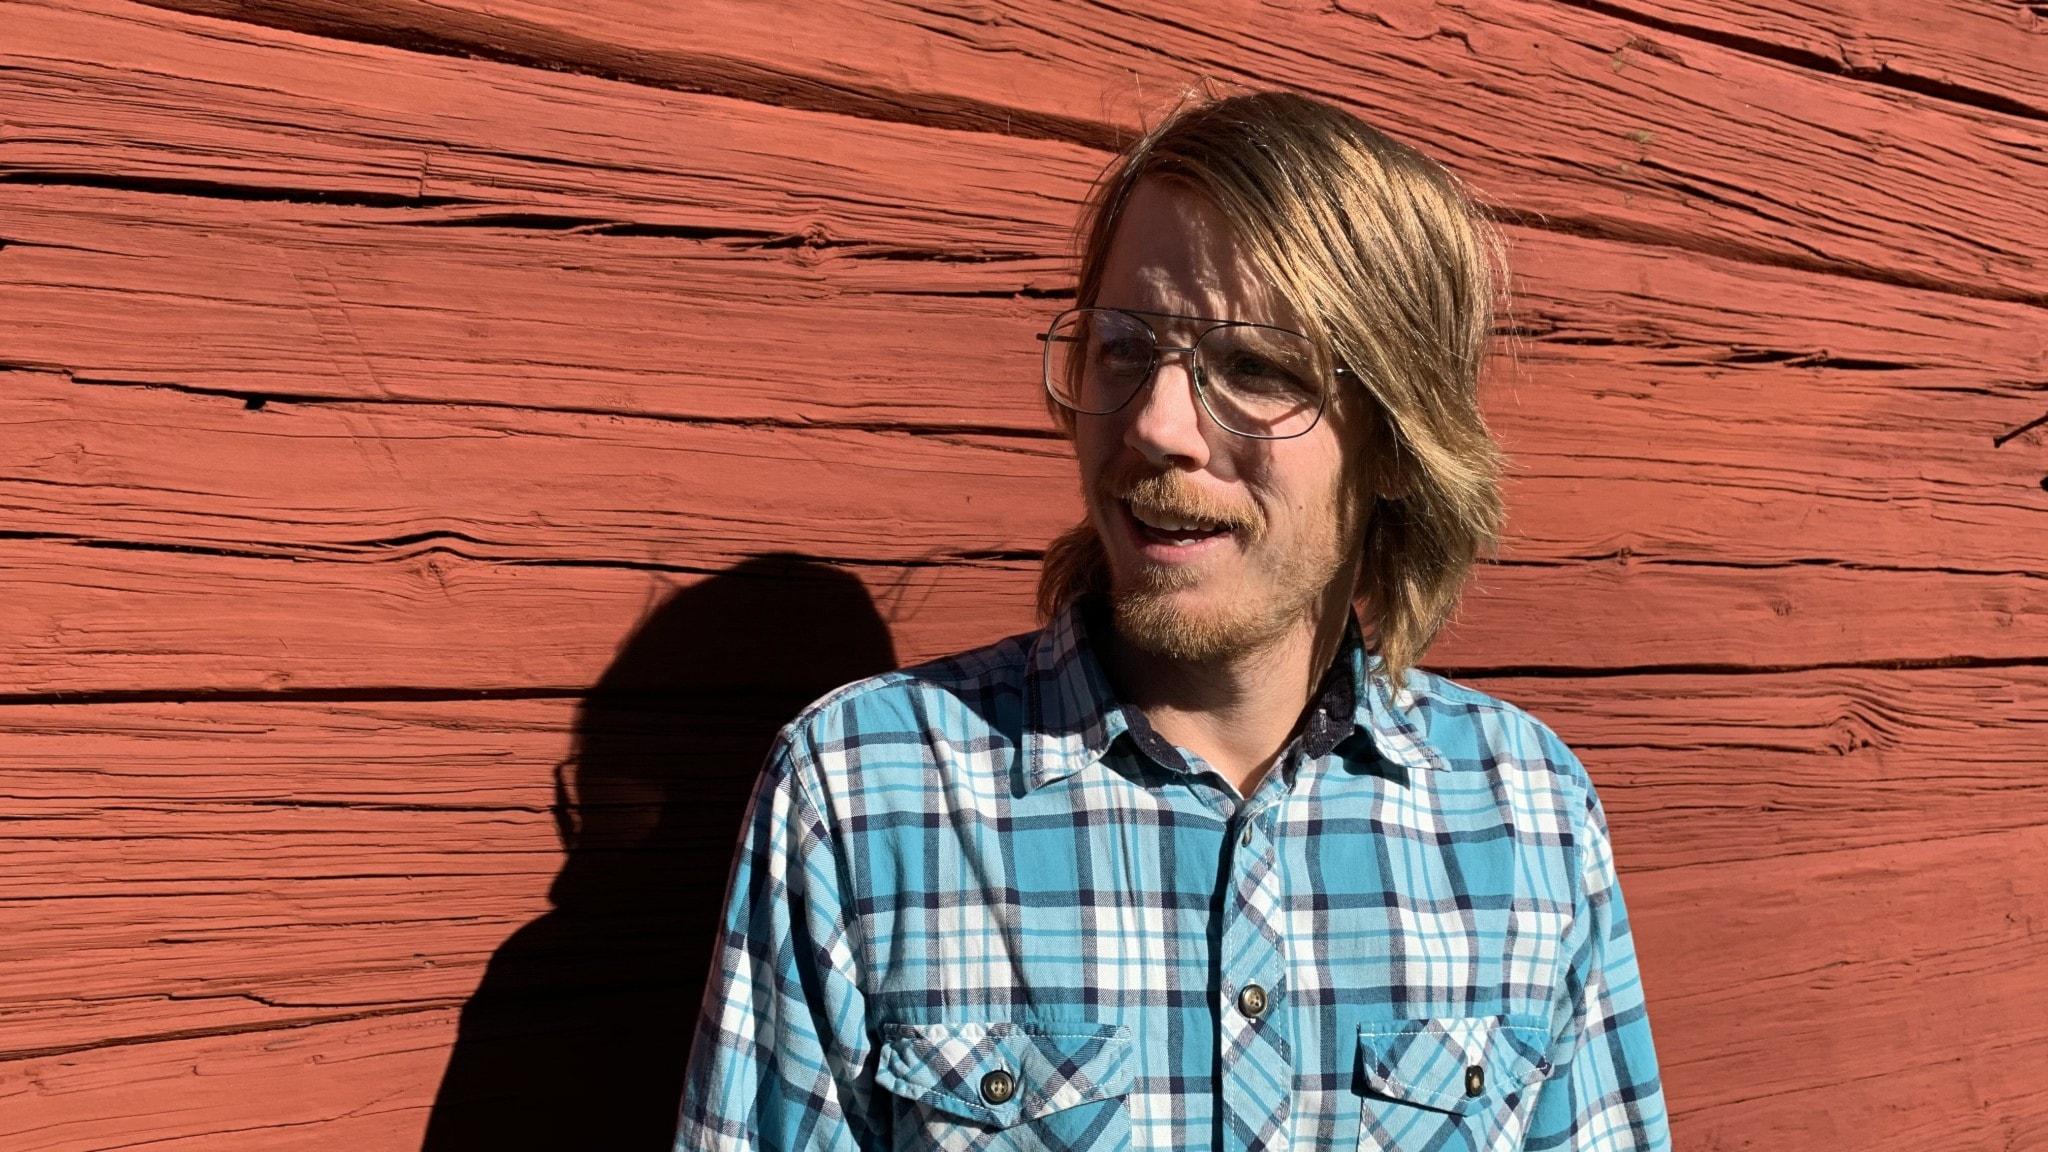 Josh Armfield med en rödmålad ladvägg i bakgrunden.